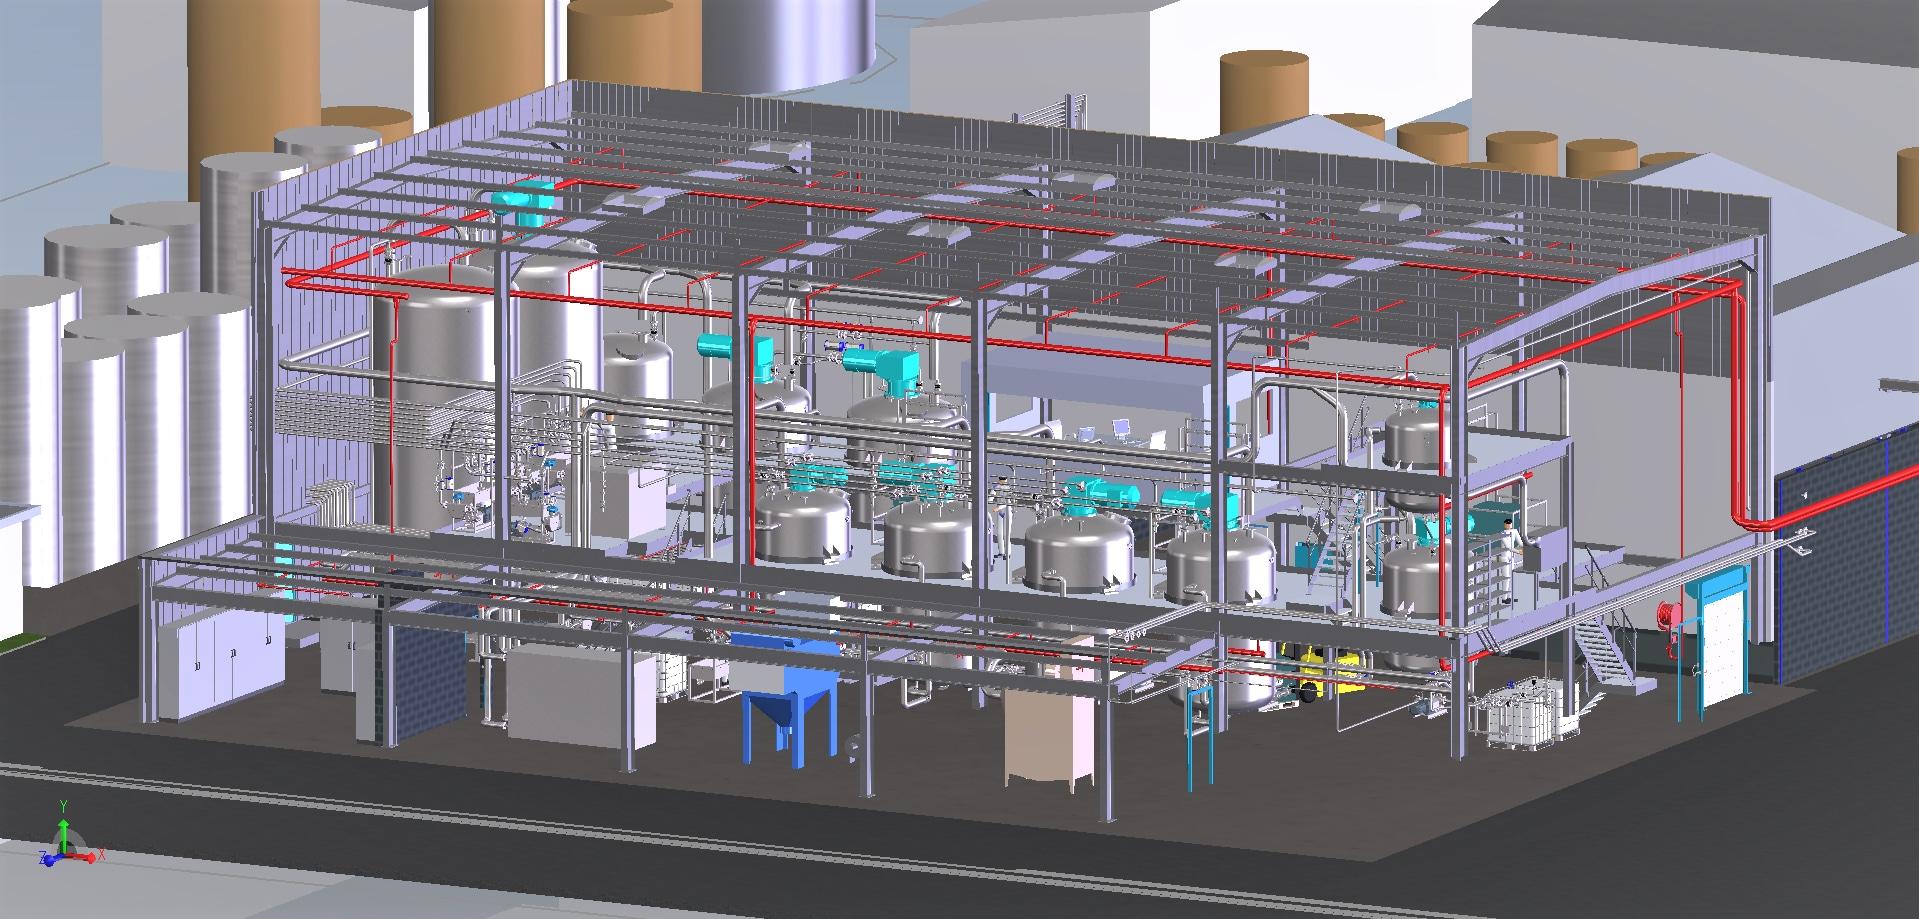 Construc. unité de production d'adjuvants béton<br>APS/APD /consultations